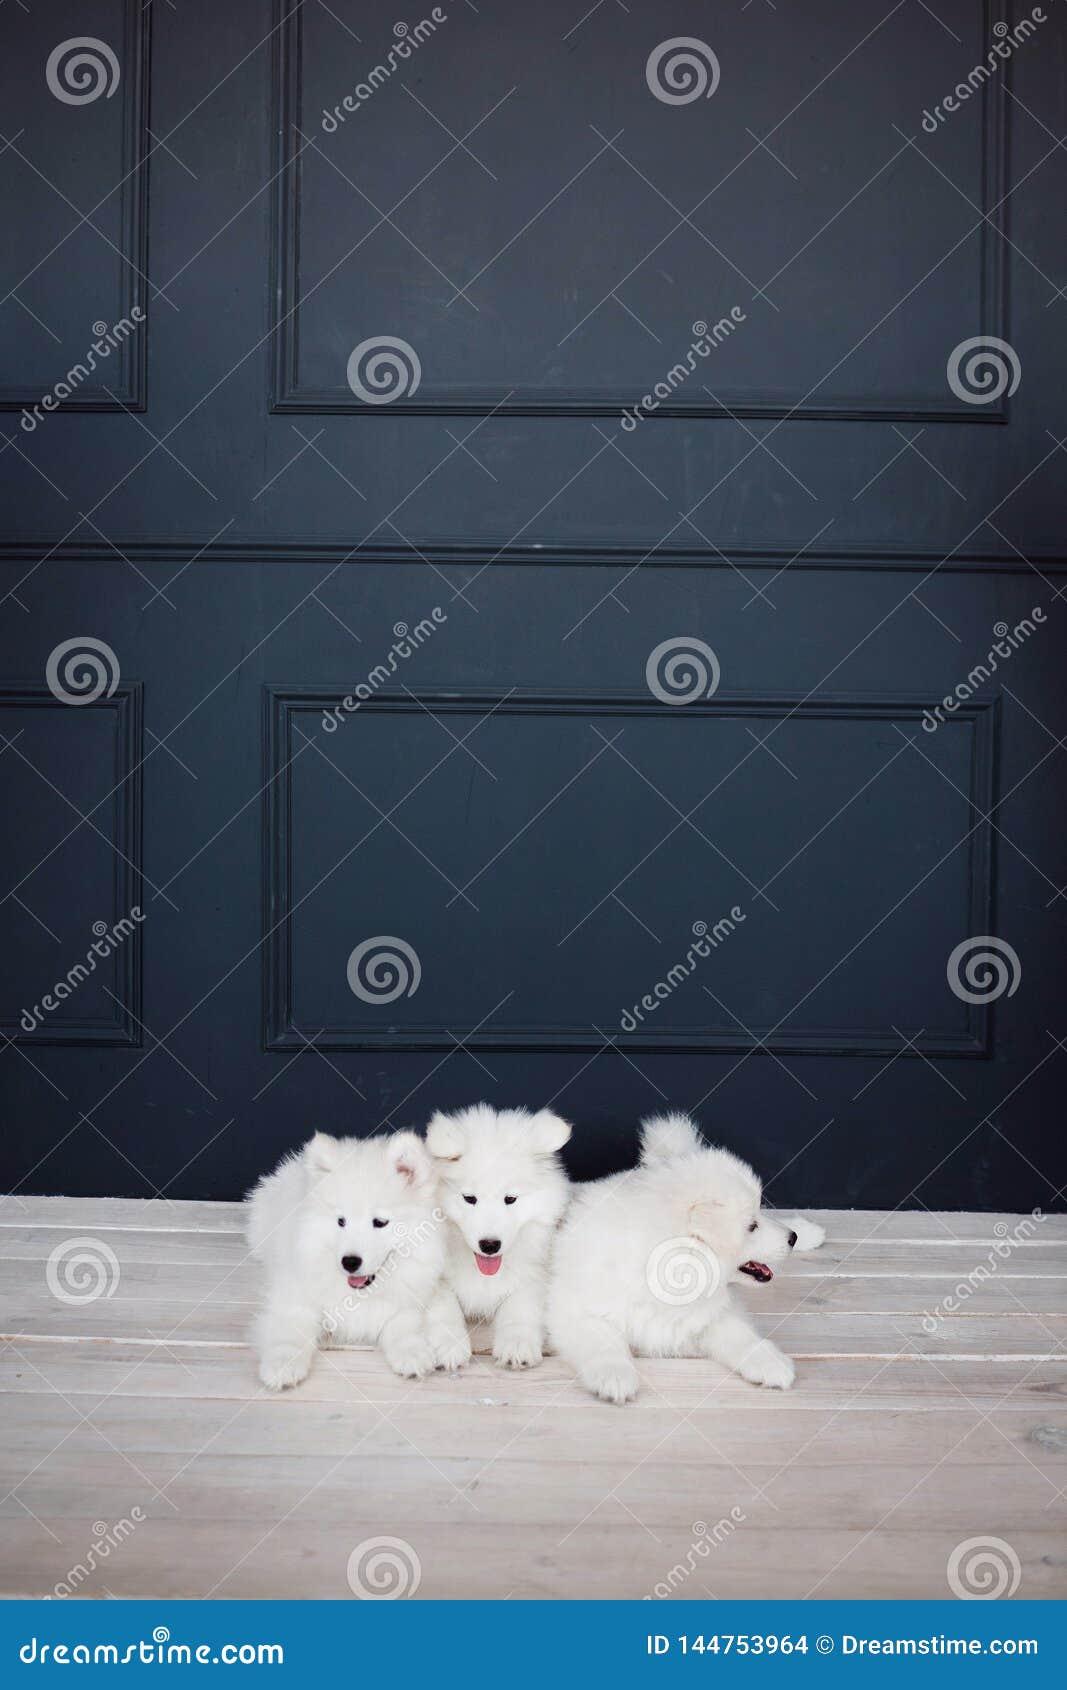 Three white fluffy Samoyed puppy